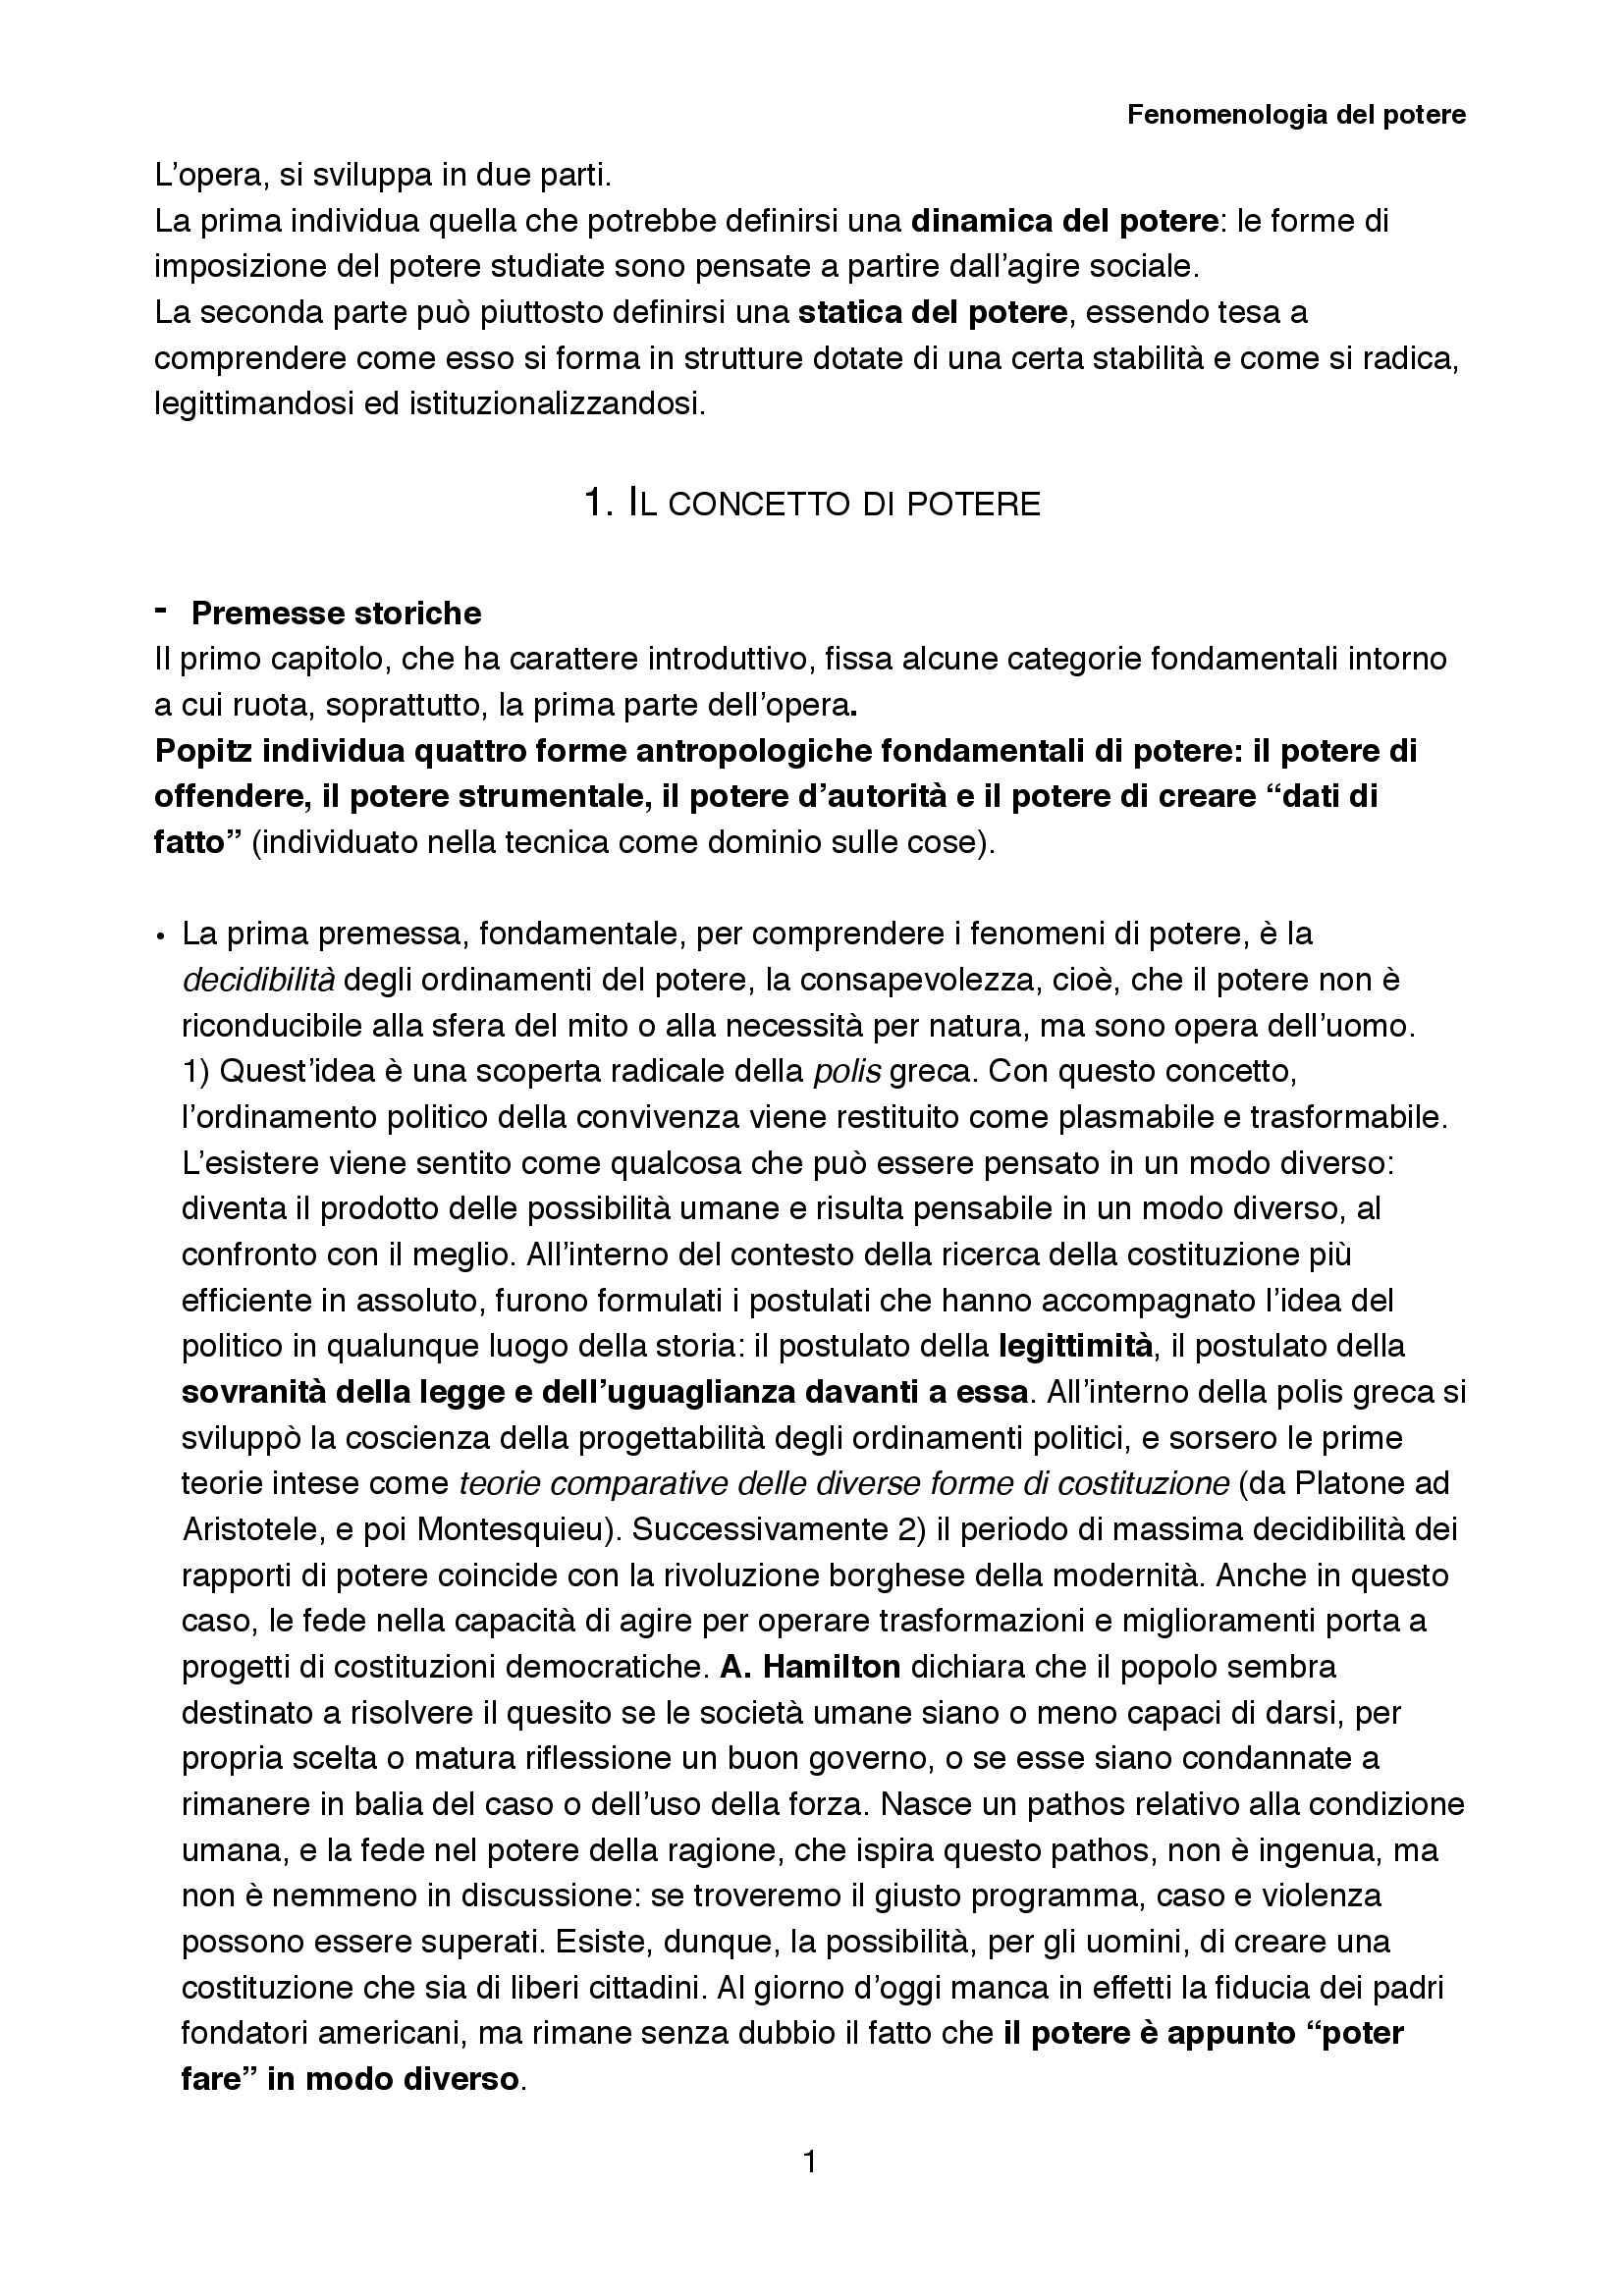 Riassunto esame Sociologia della cultura, prof. Biuso, libro consigliato Fenomenologia del potere, Popitz